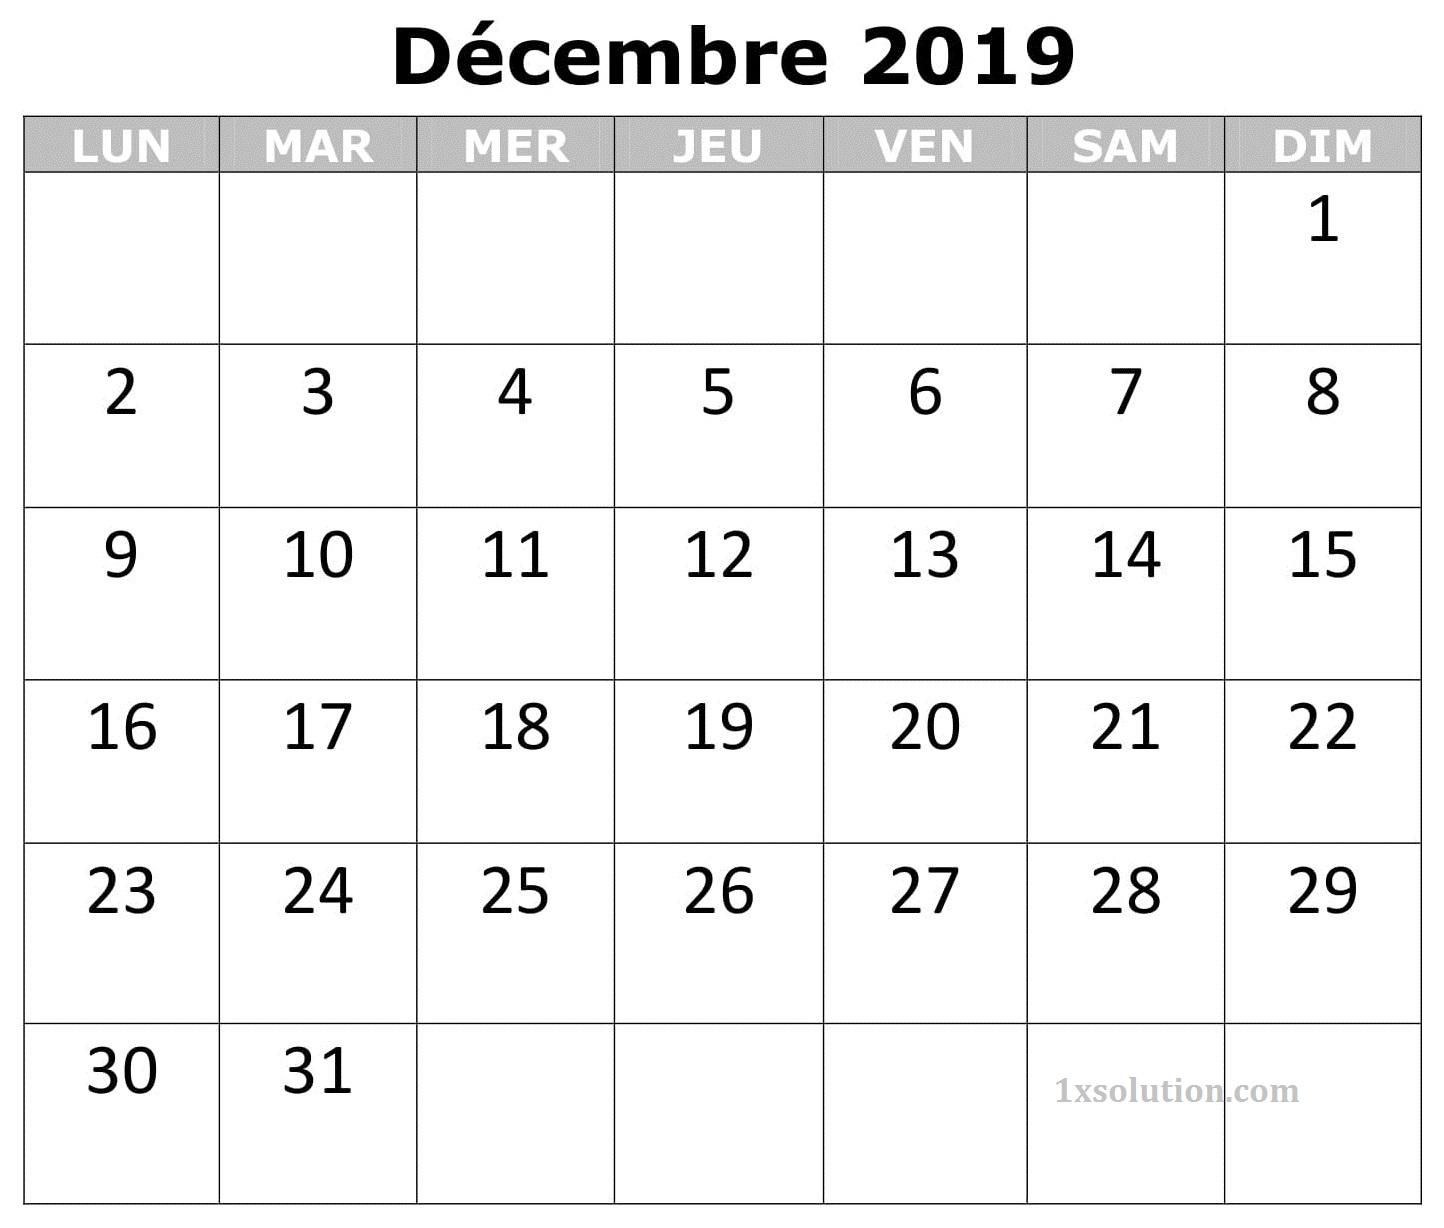 Calendrier 2019 Décembre Table